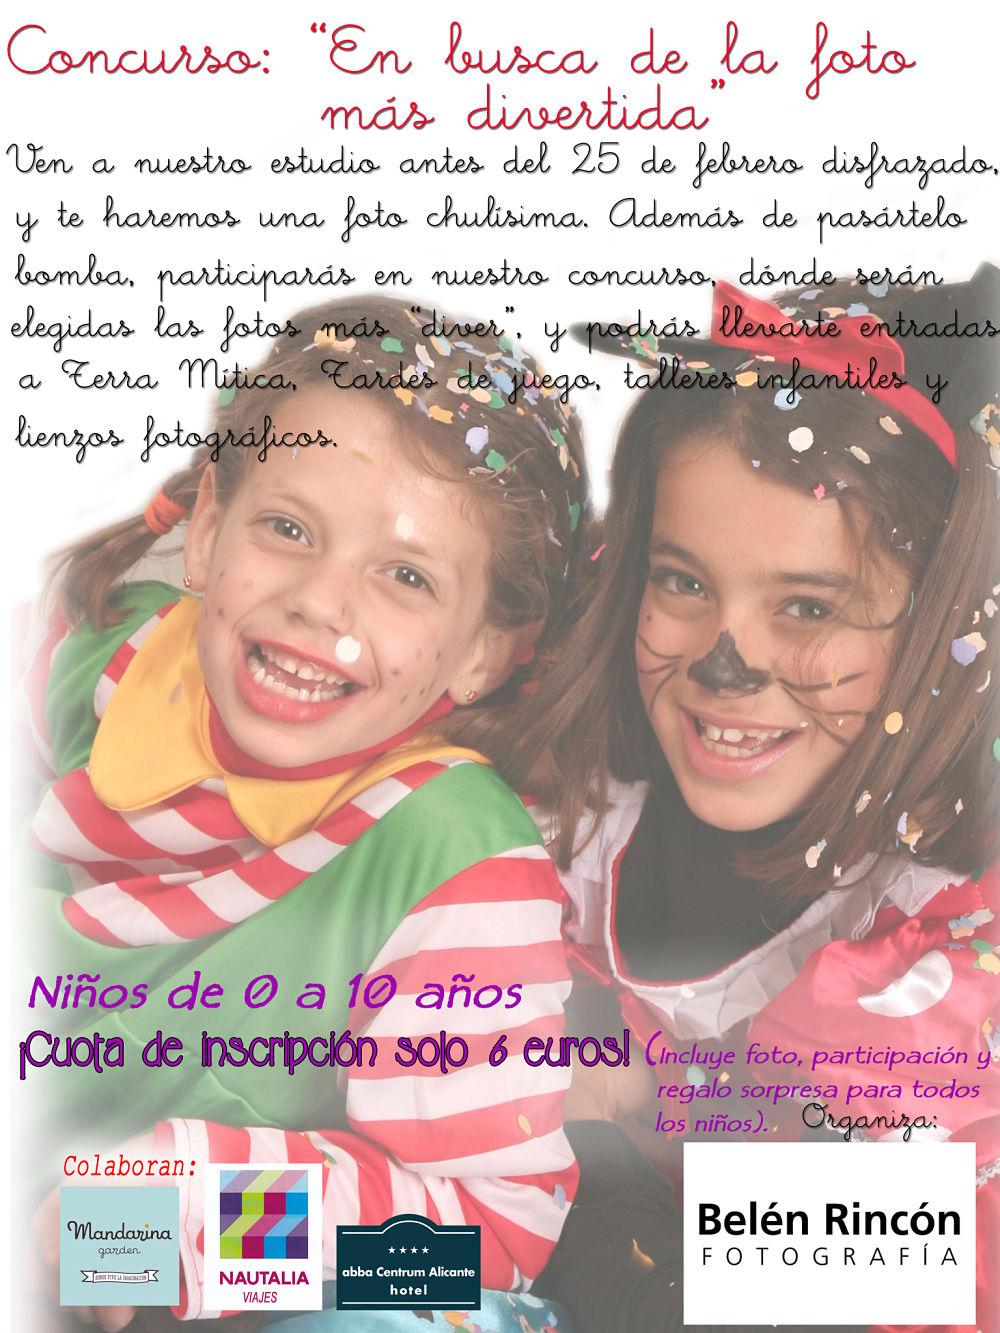 Concurso de disfraces. Carnaval 2015